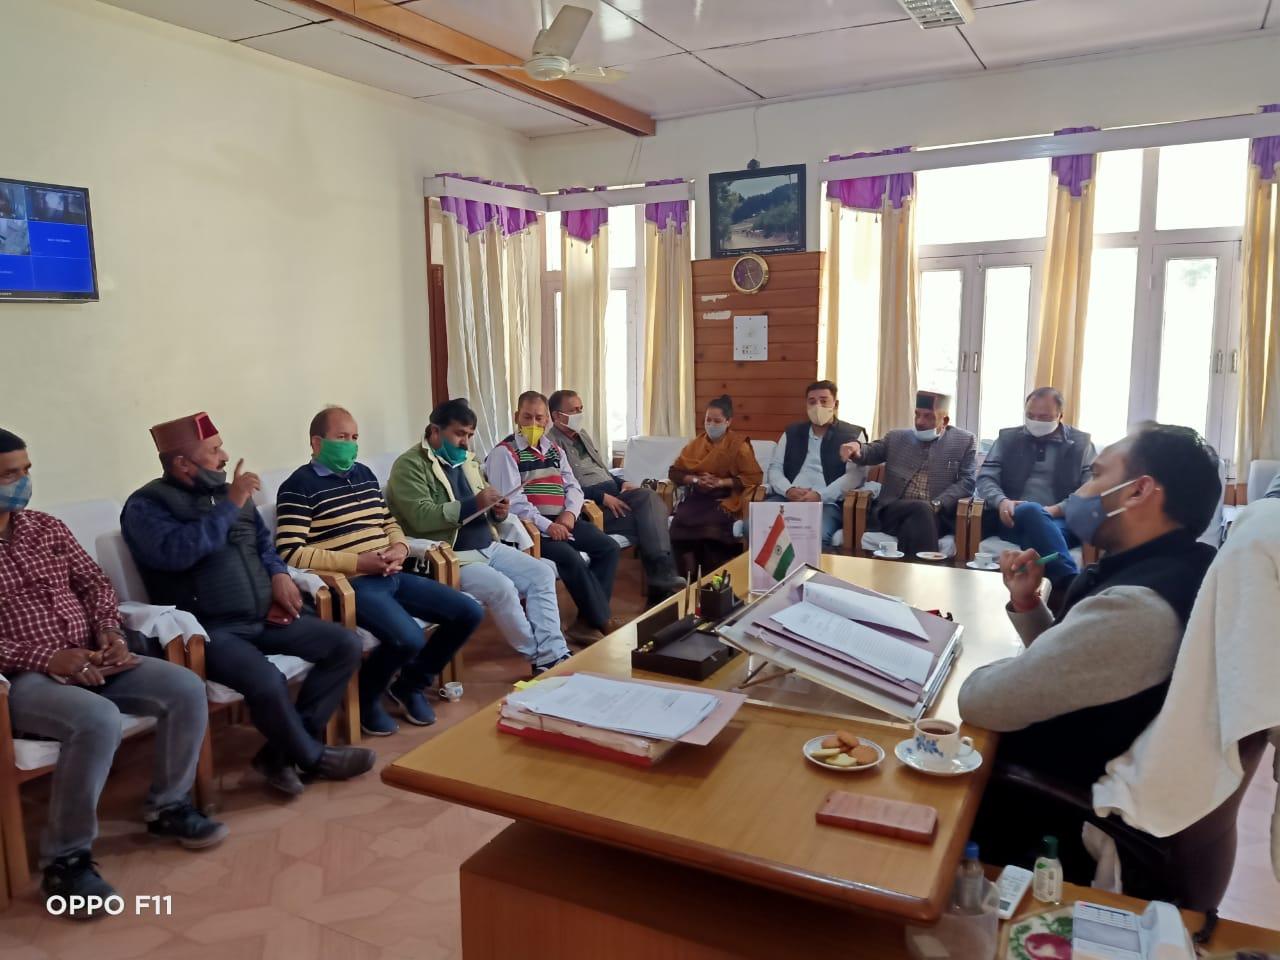 लवी मेला- 11 से 14 नवम्बर तक रामपुर बुशहर में सादगी से होगा, केवल हिमाचली उत्पाद बेचने को लगेंगे निशुल्क स्टॉल